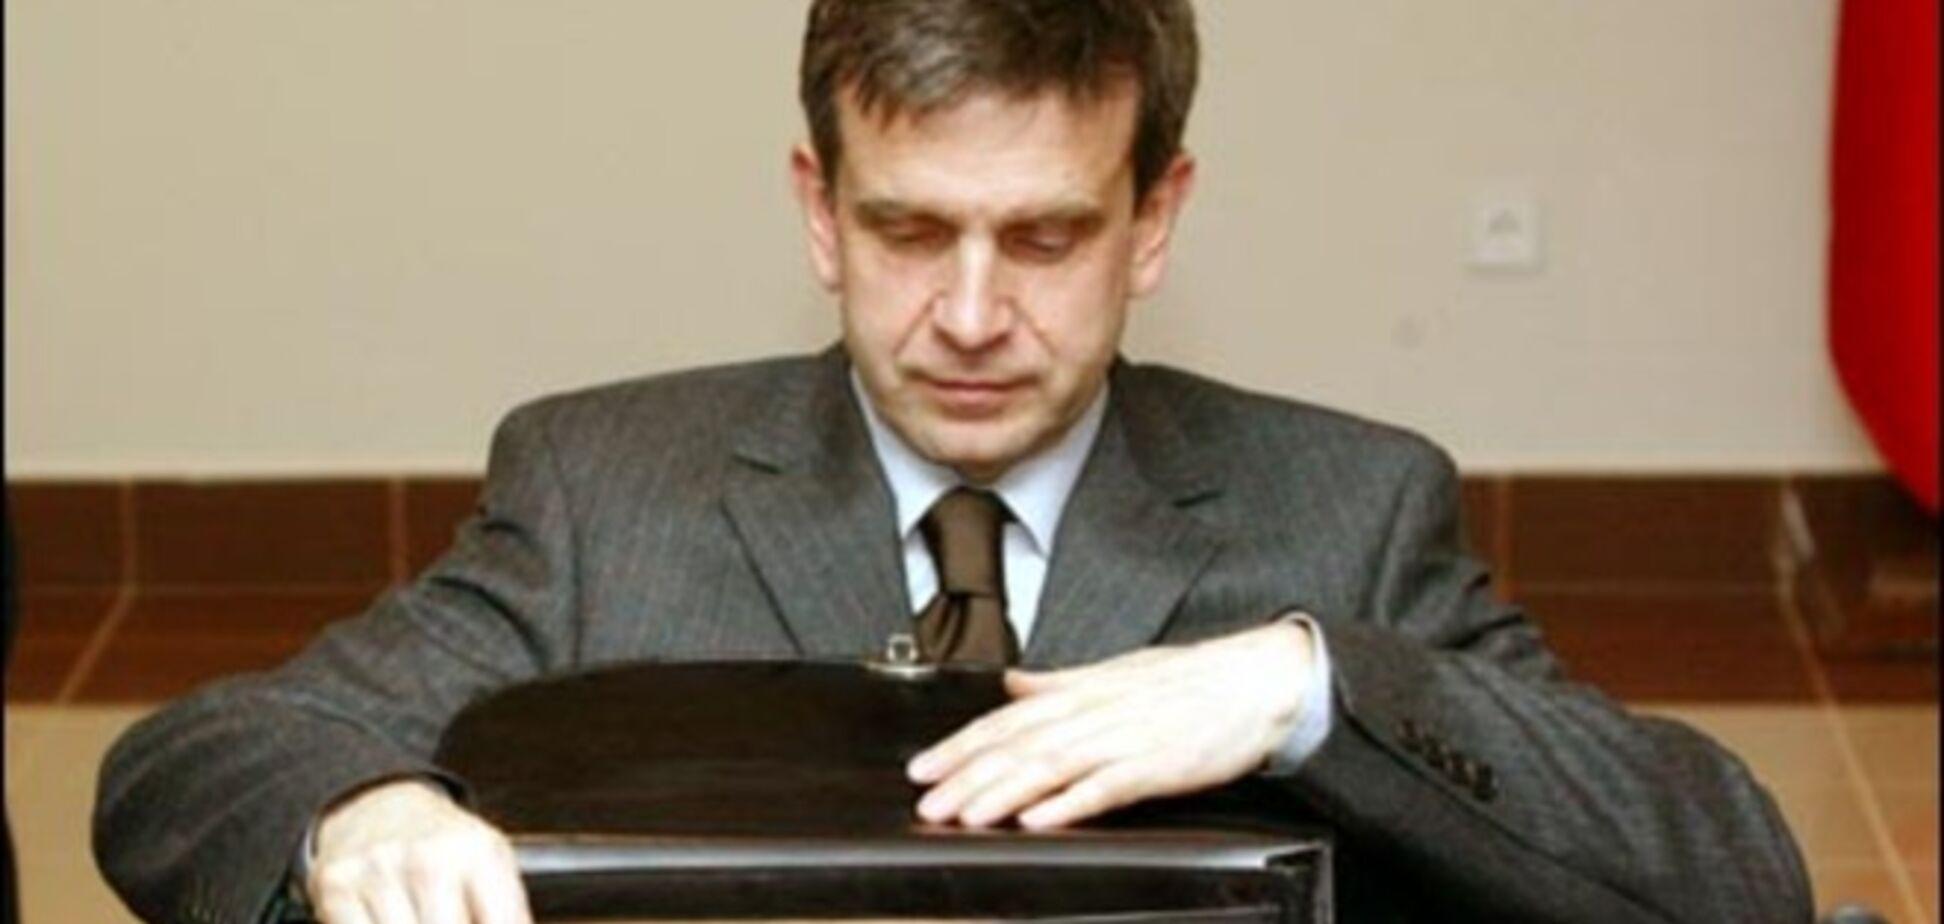 Российский посол испугался встречи, на которой представили доказательства участия РФ в войне на Донбассе